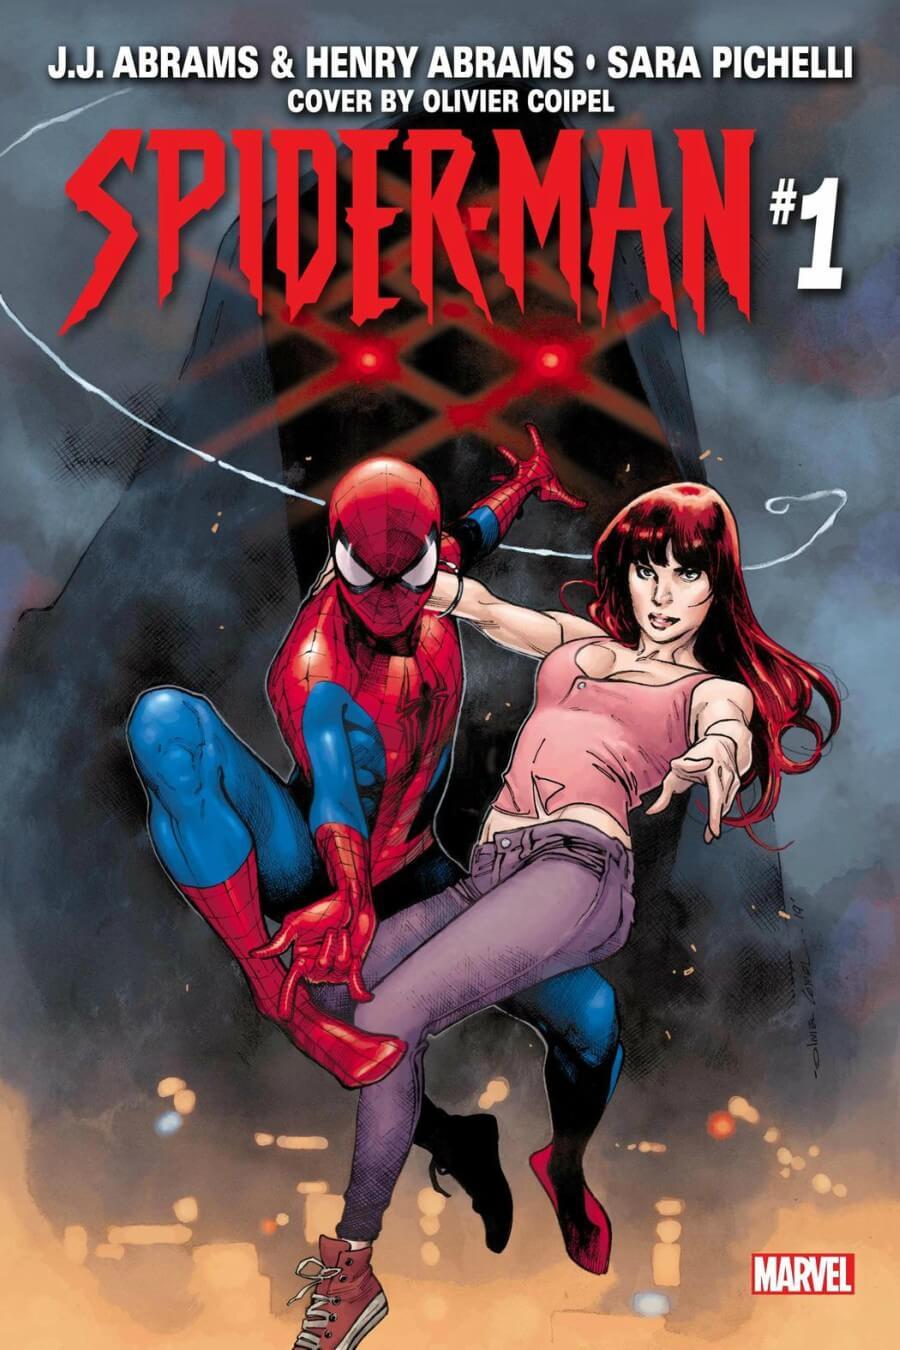 Portada de SPIDER-MAN # 1 por Olivier Coipel y colorista Dave Stewart